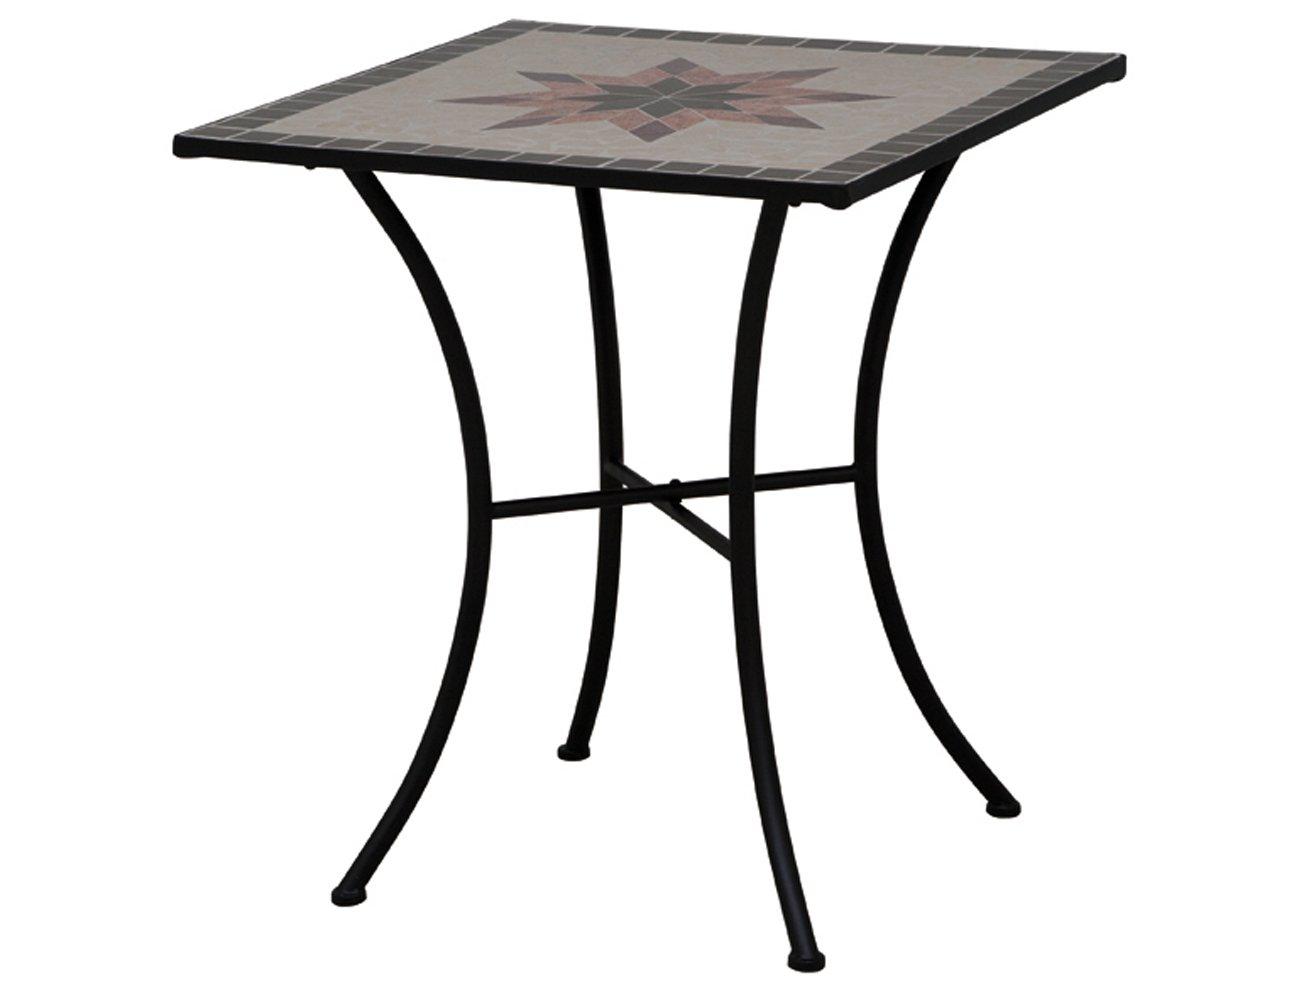 Siena Garden 875352 Tisch Stella, Gestell schwarz, Tischplatte in Mosaik-Optik, eckig, 64 x 64 x 71 cm günstig